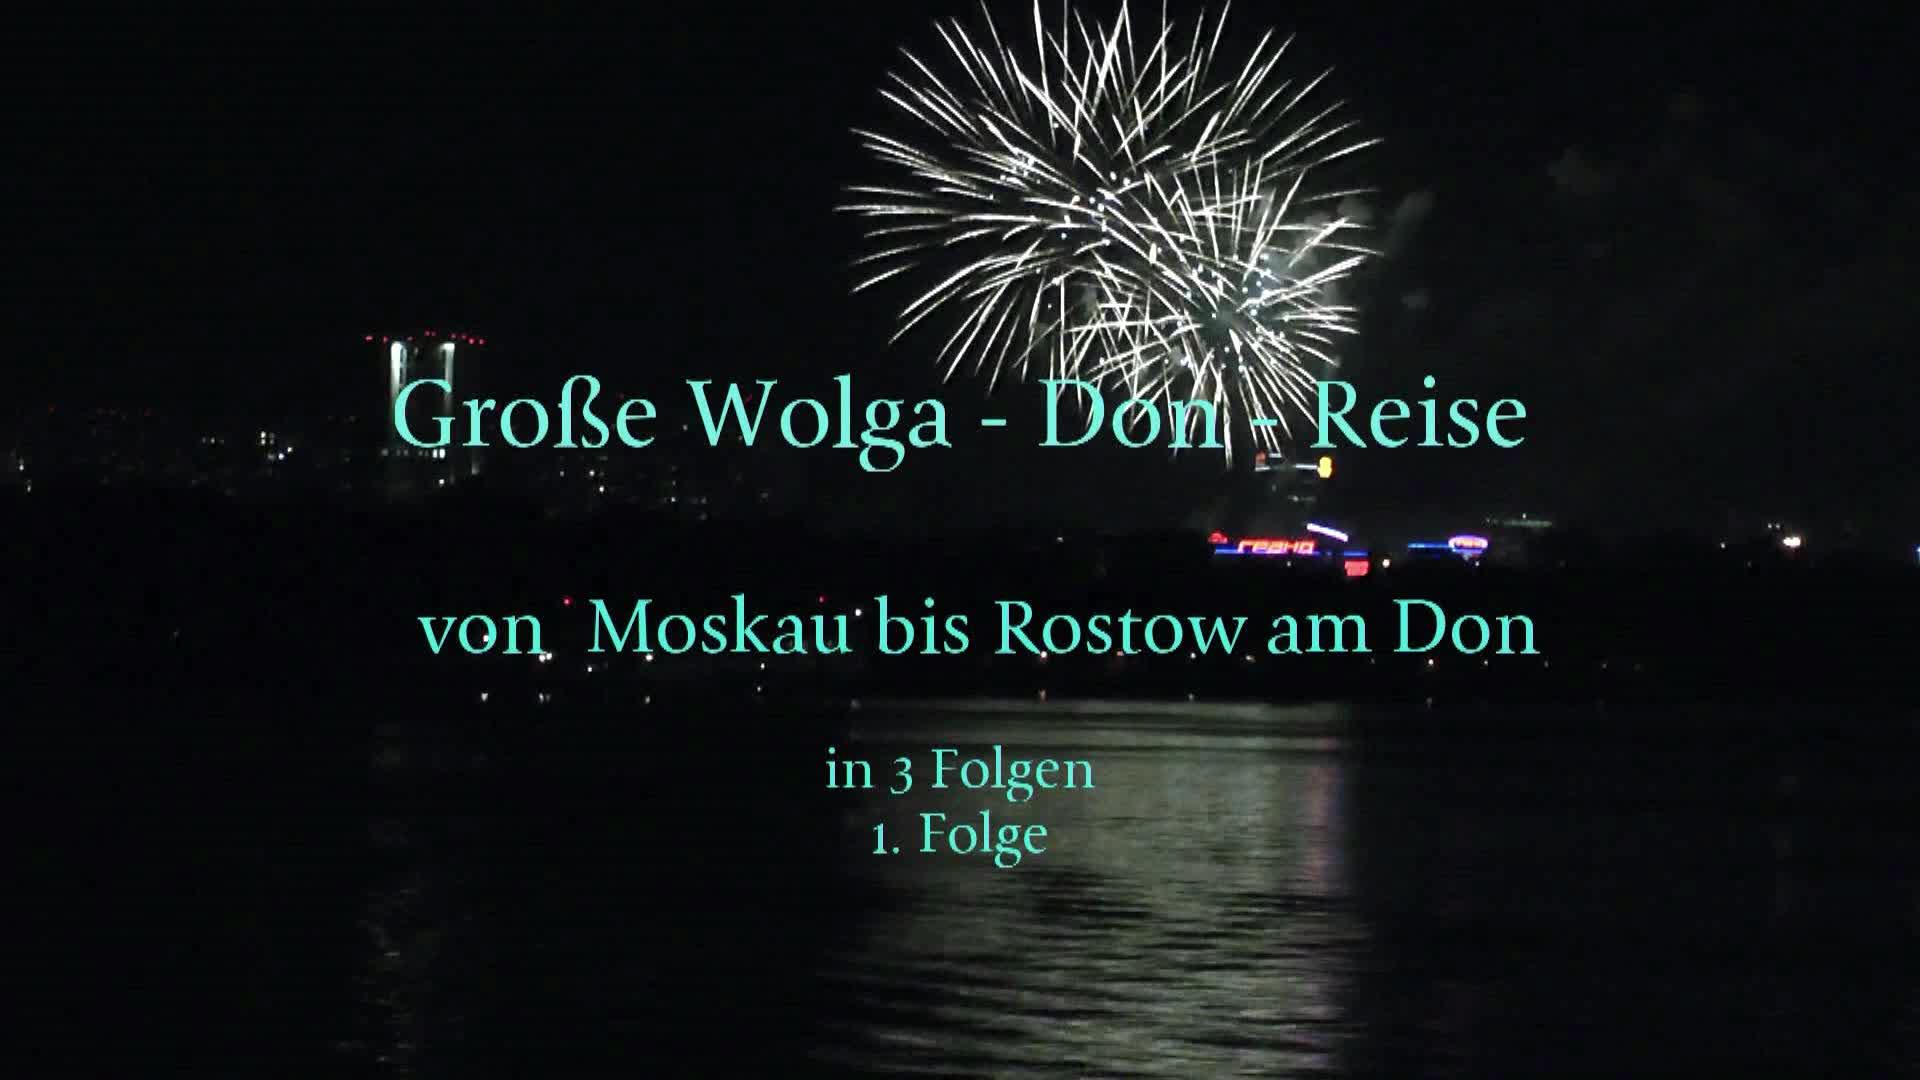 Große Wolga - Don - Reise Folge 1